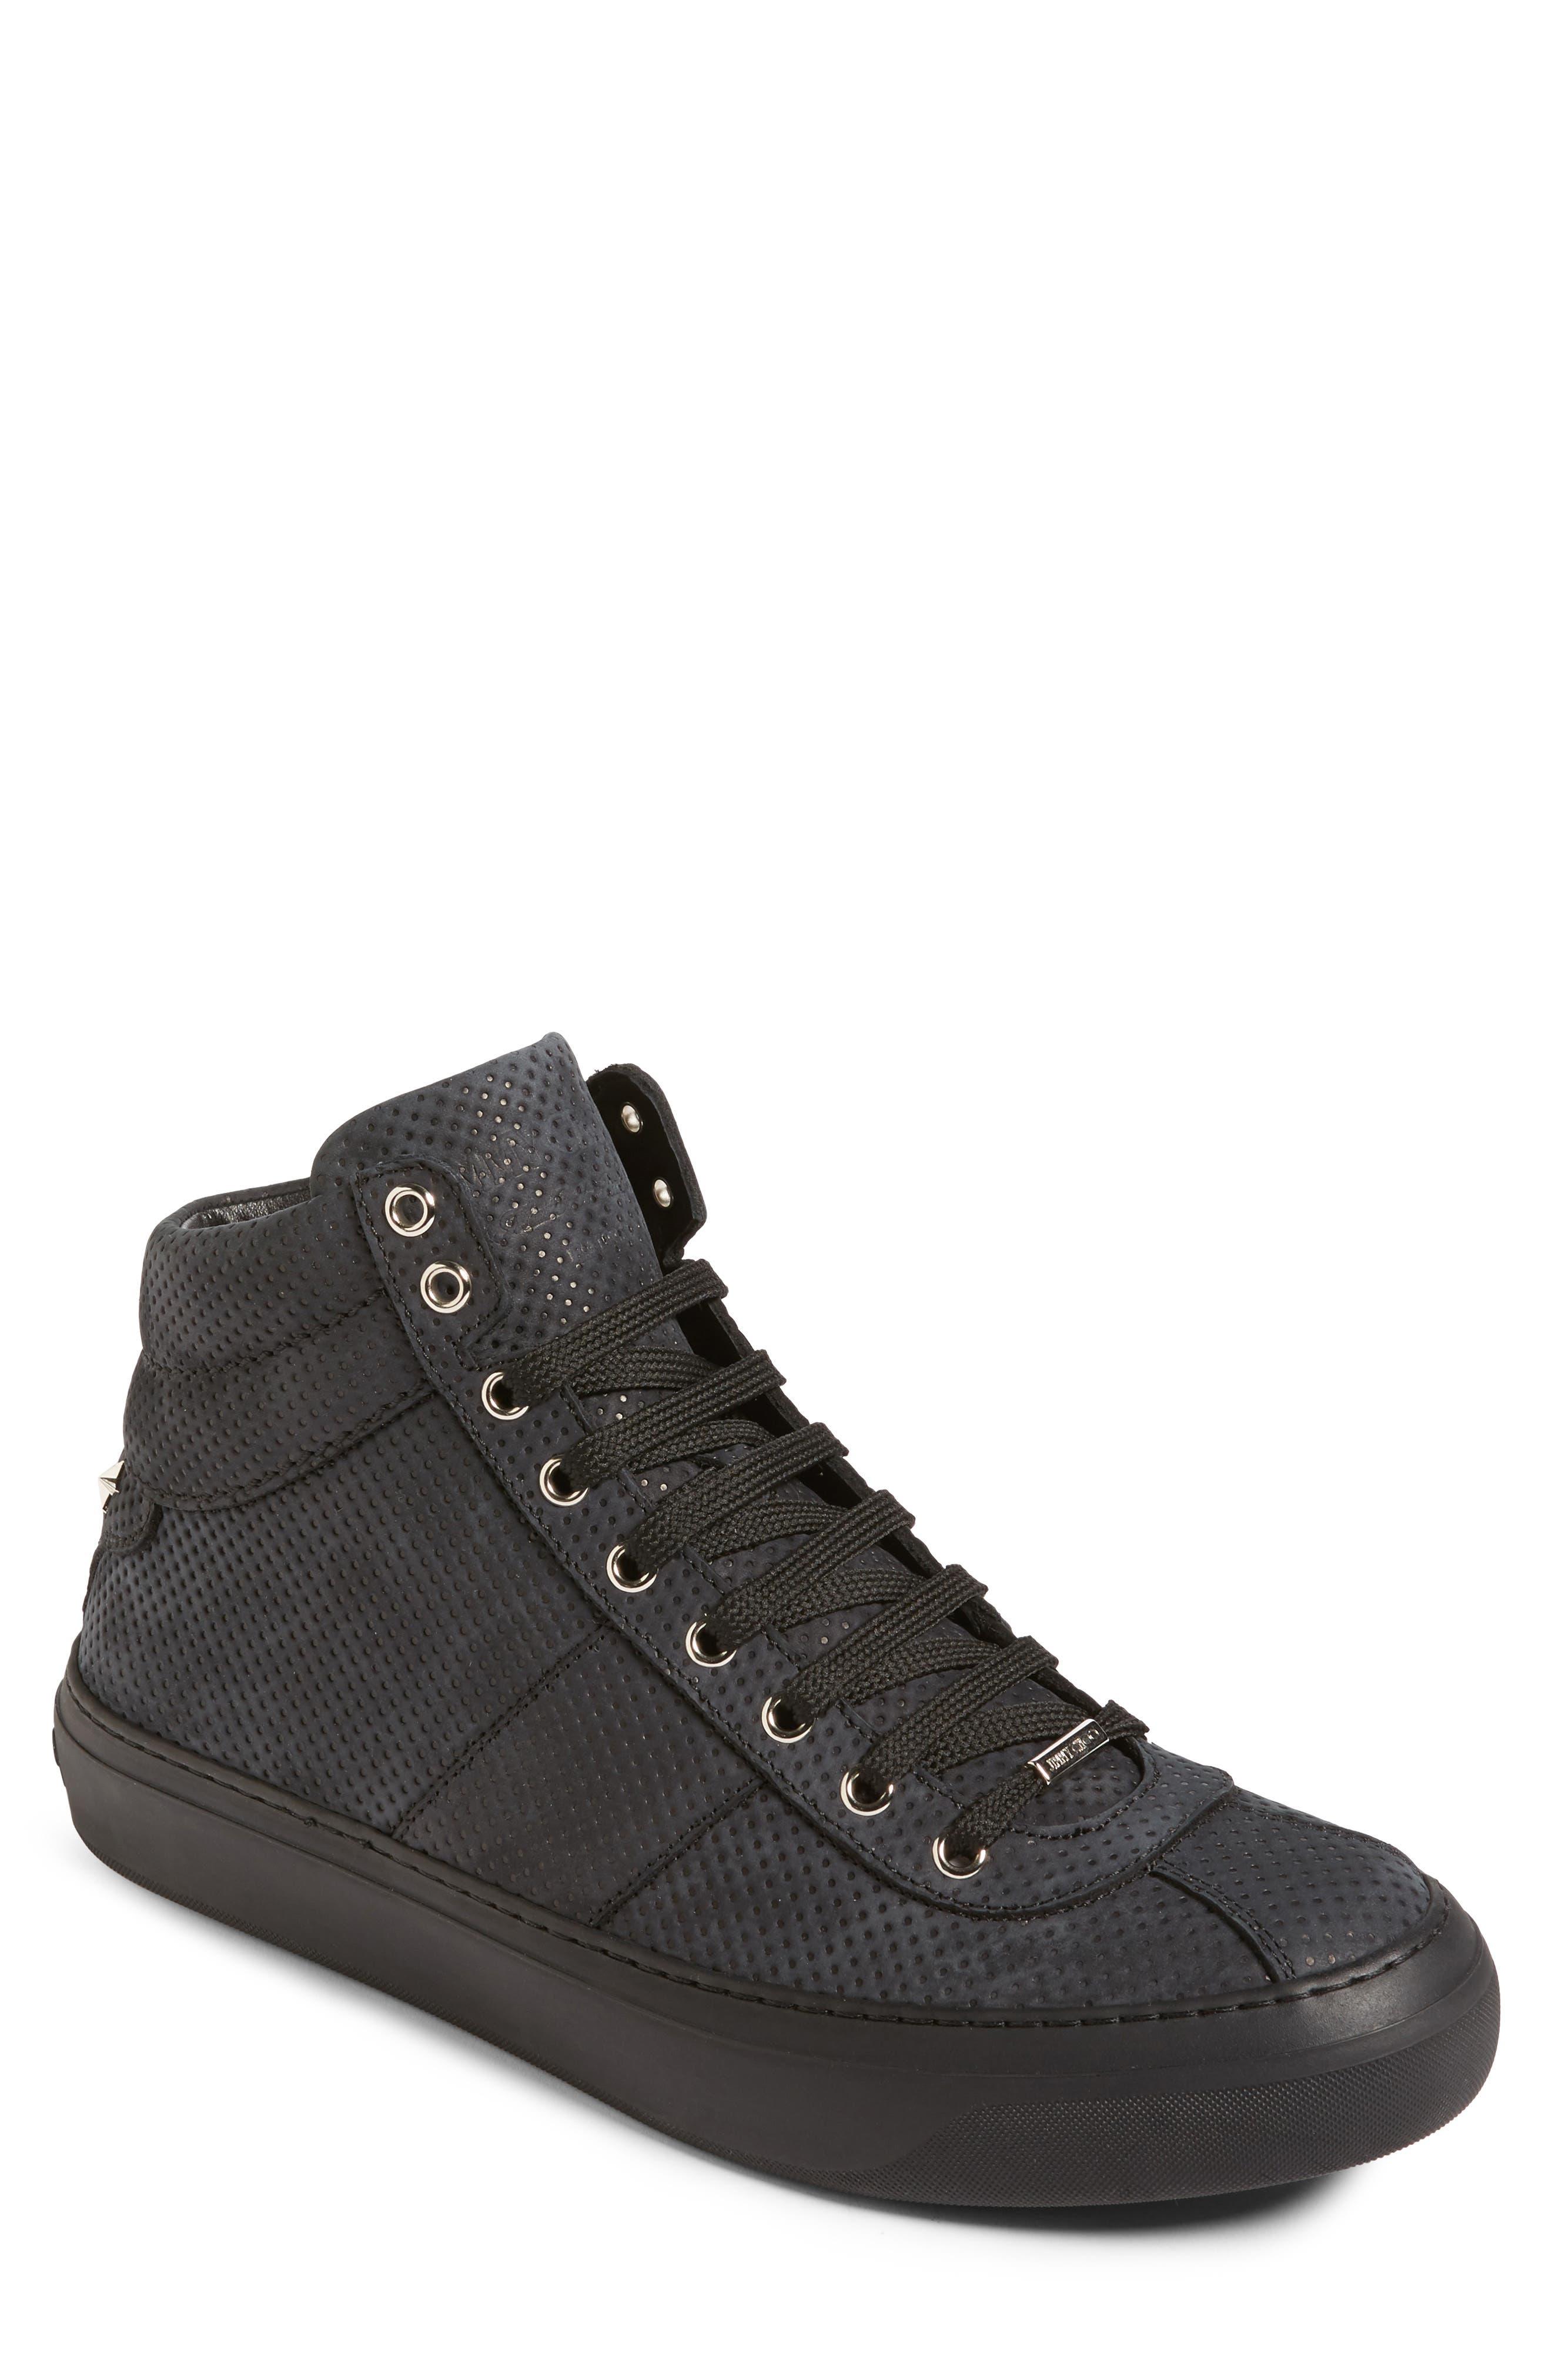 Belgravi Sneaker,                         Main,                         color, 001